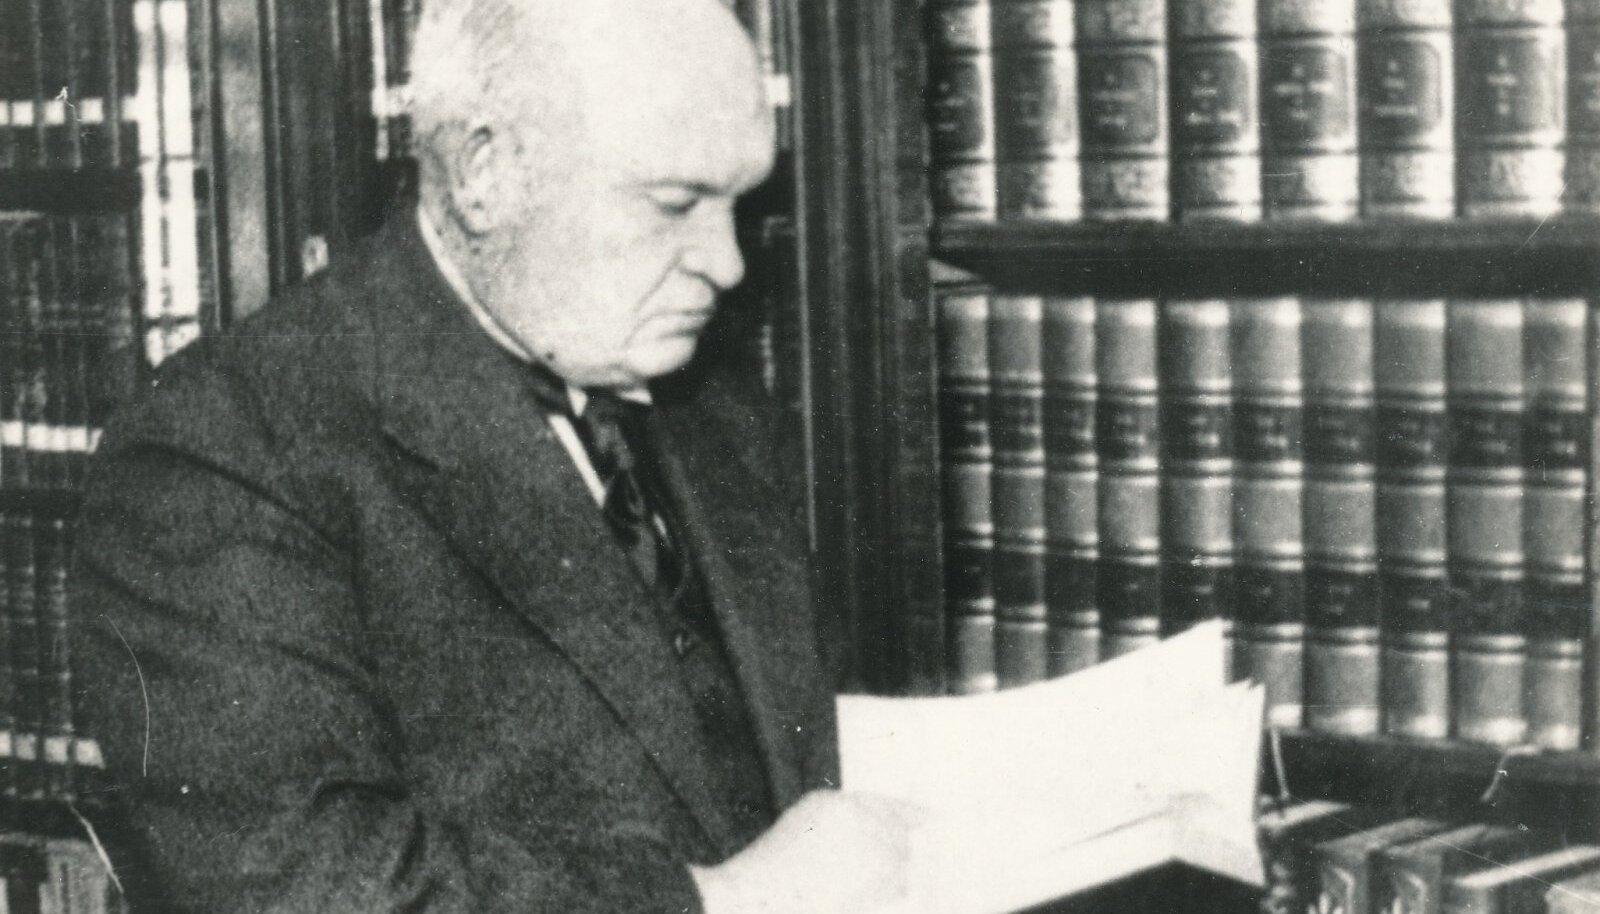 Konstantin Pätsi käitumist aastatel 1939–1940 juhtis soov eesti rahvast tapatalgutest säästa, ütleb temast raamatu kirjutanud endine KGB tippjuht Vladimir Pool.